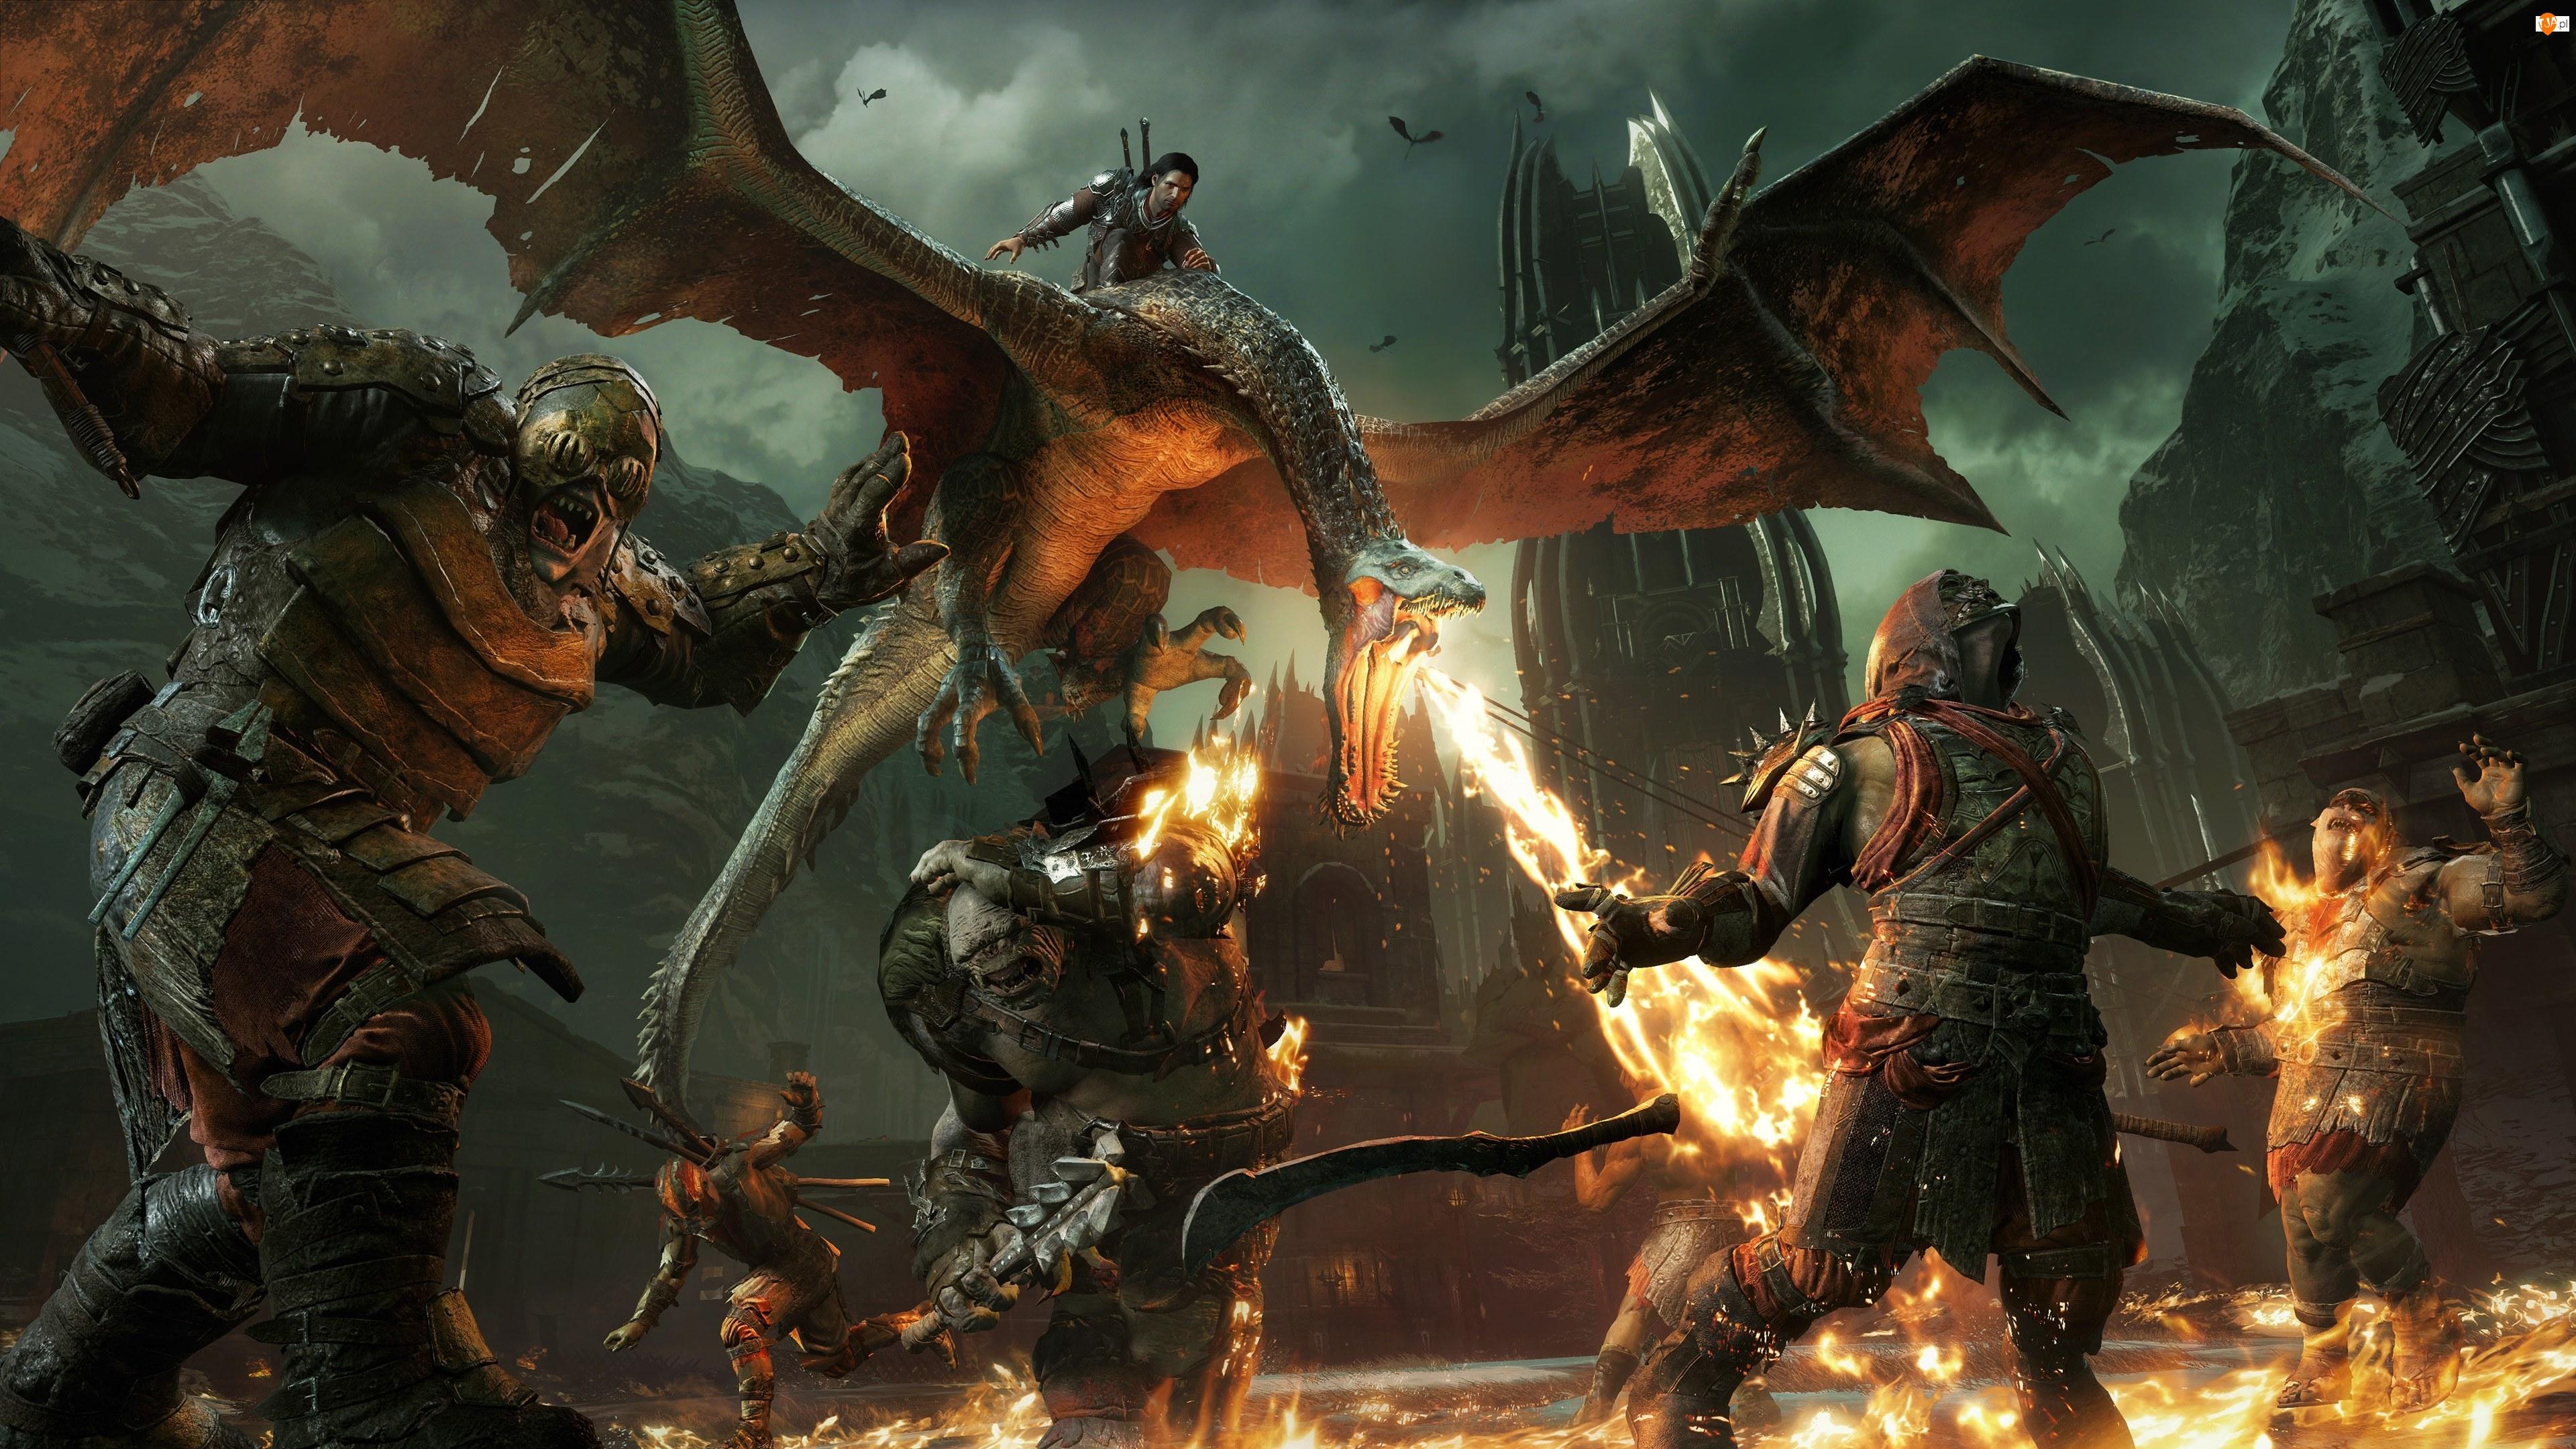 Śródziemie: Cień wojny, Gra, Middle-earth: Shadow of War